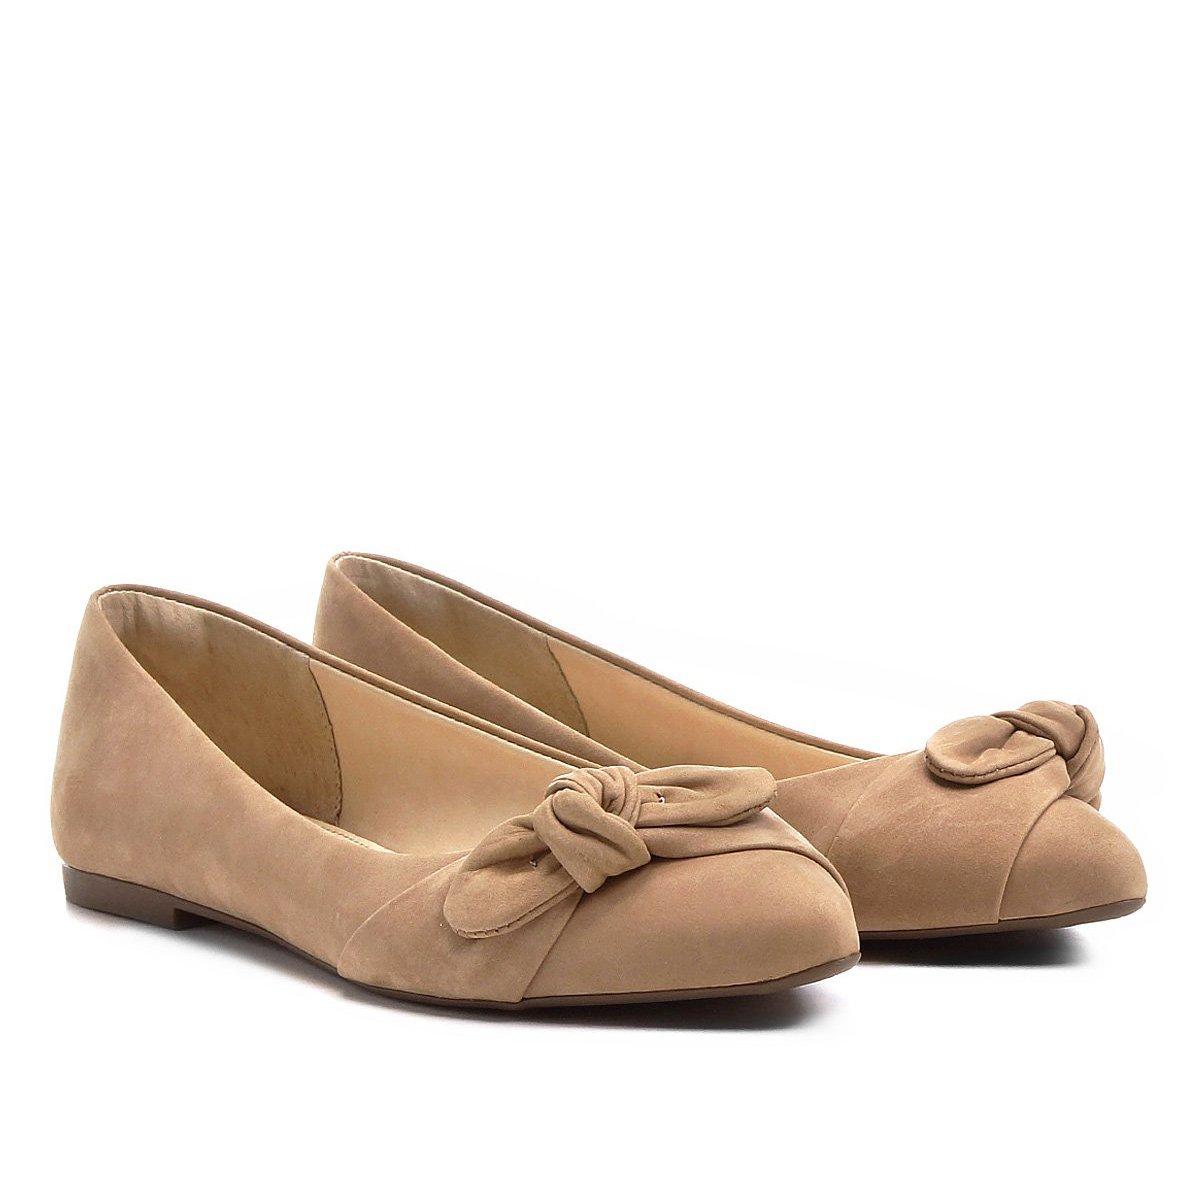 715e9f3d19 Sapatilha Couro Shoestock Bico Fino Nó Feminina - Nude